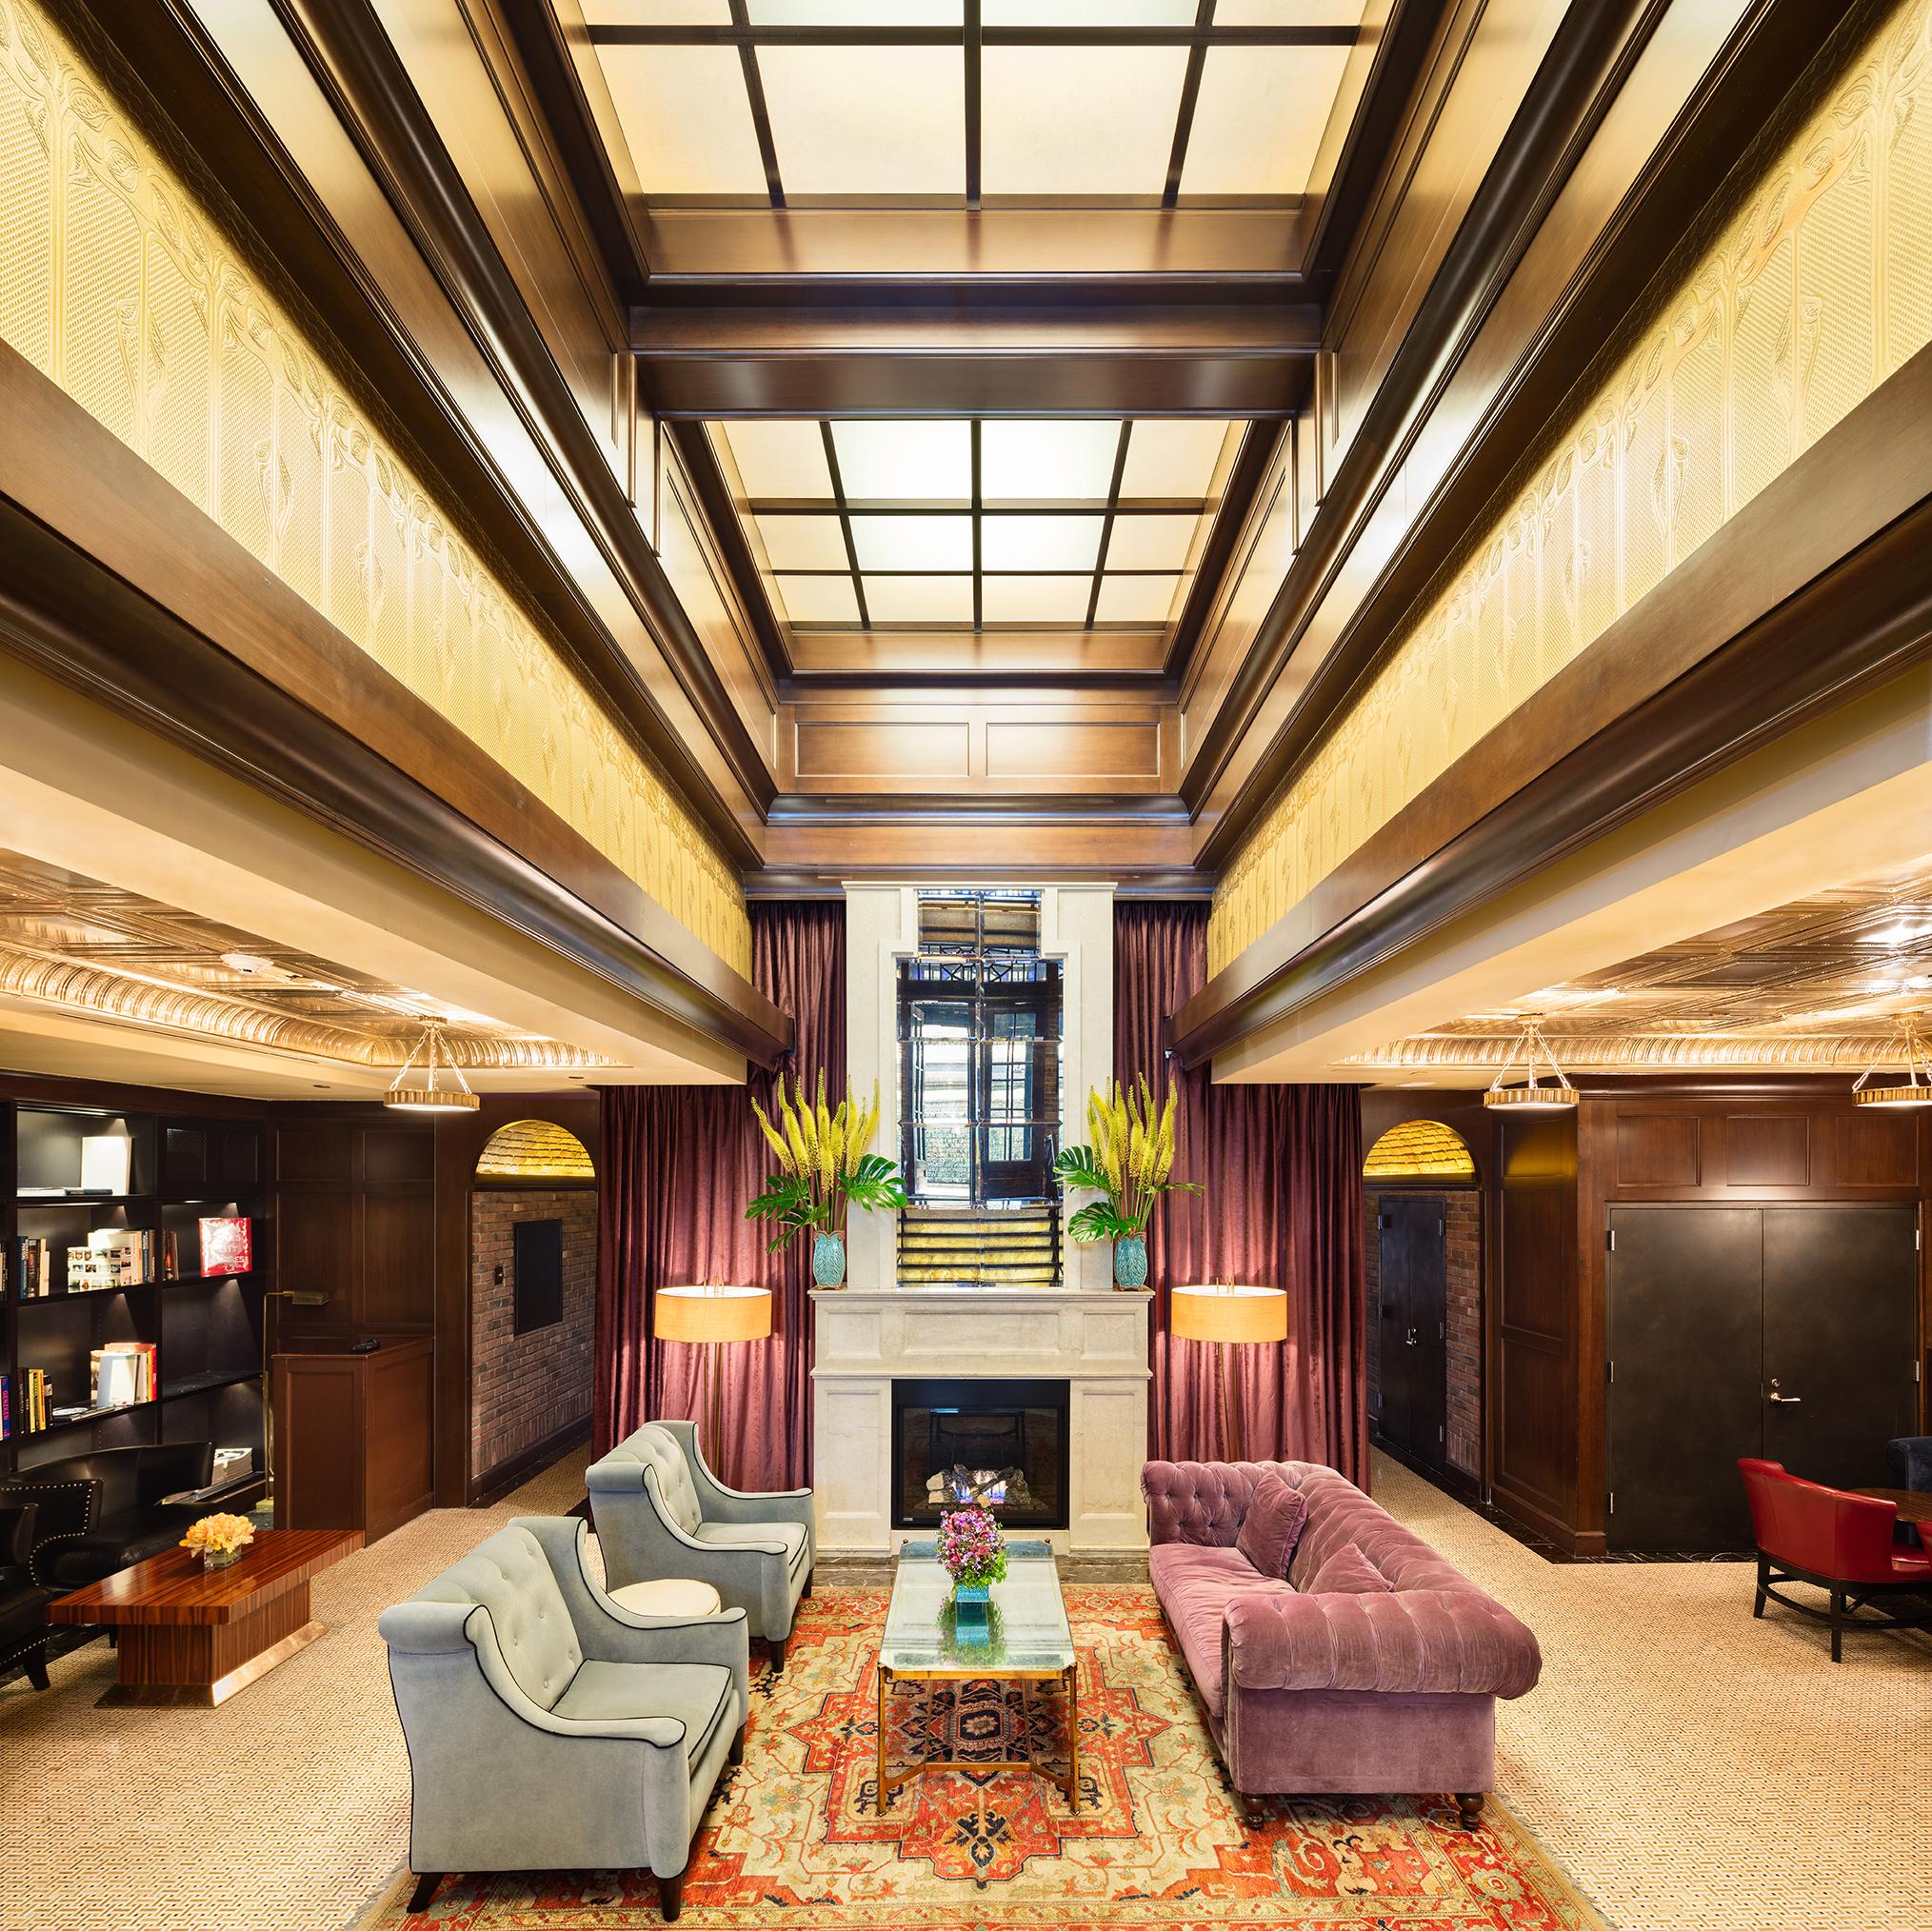 Walker Hotel Greenwich Village image 1